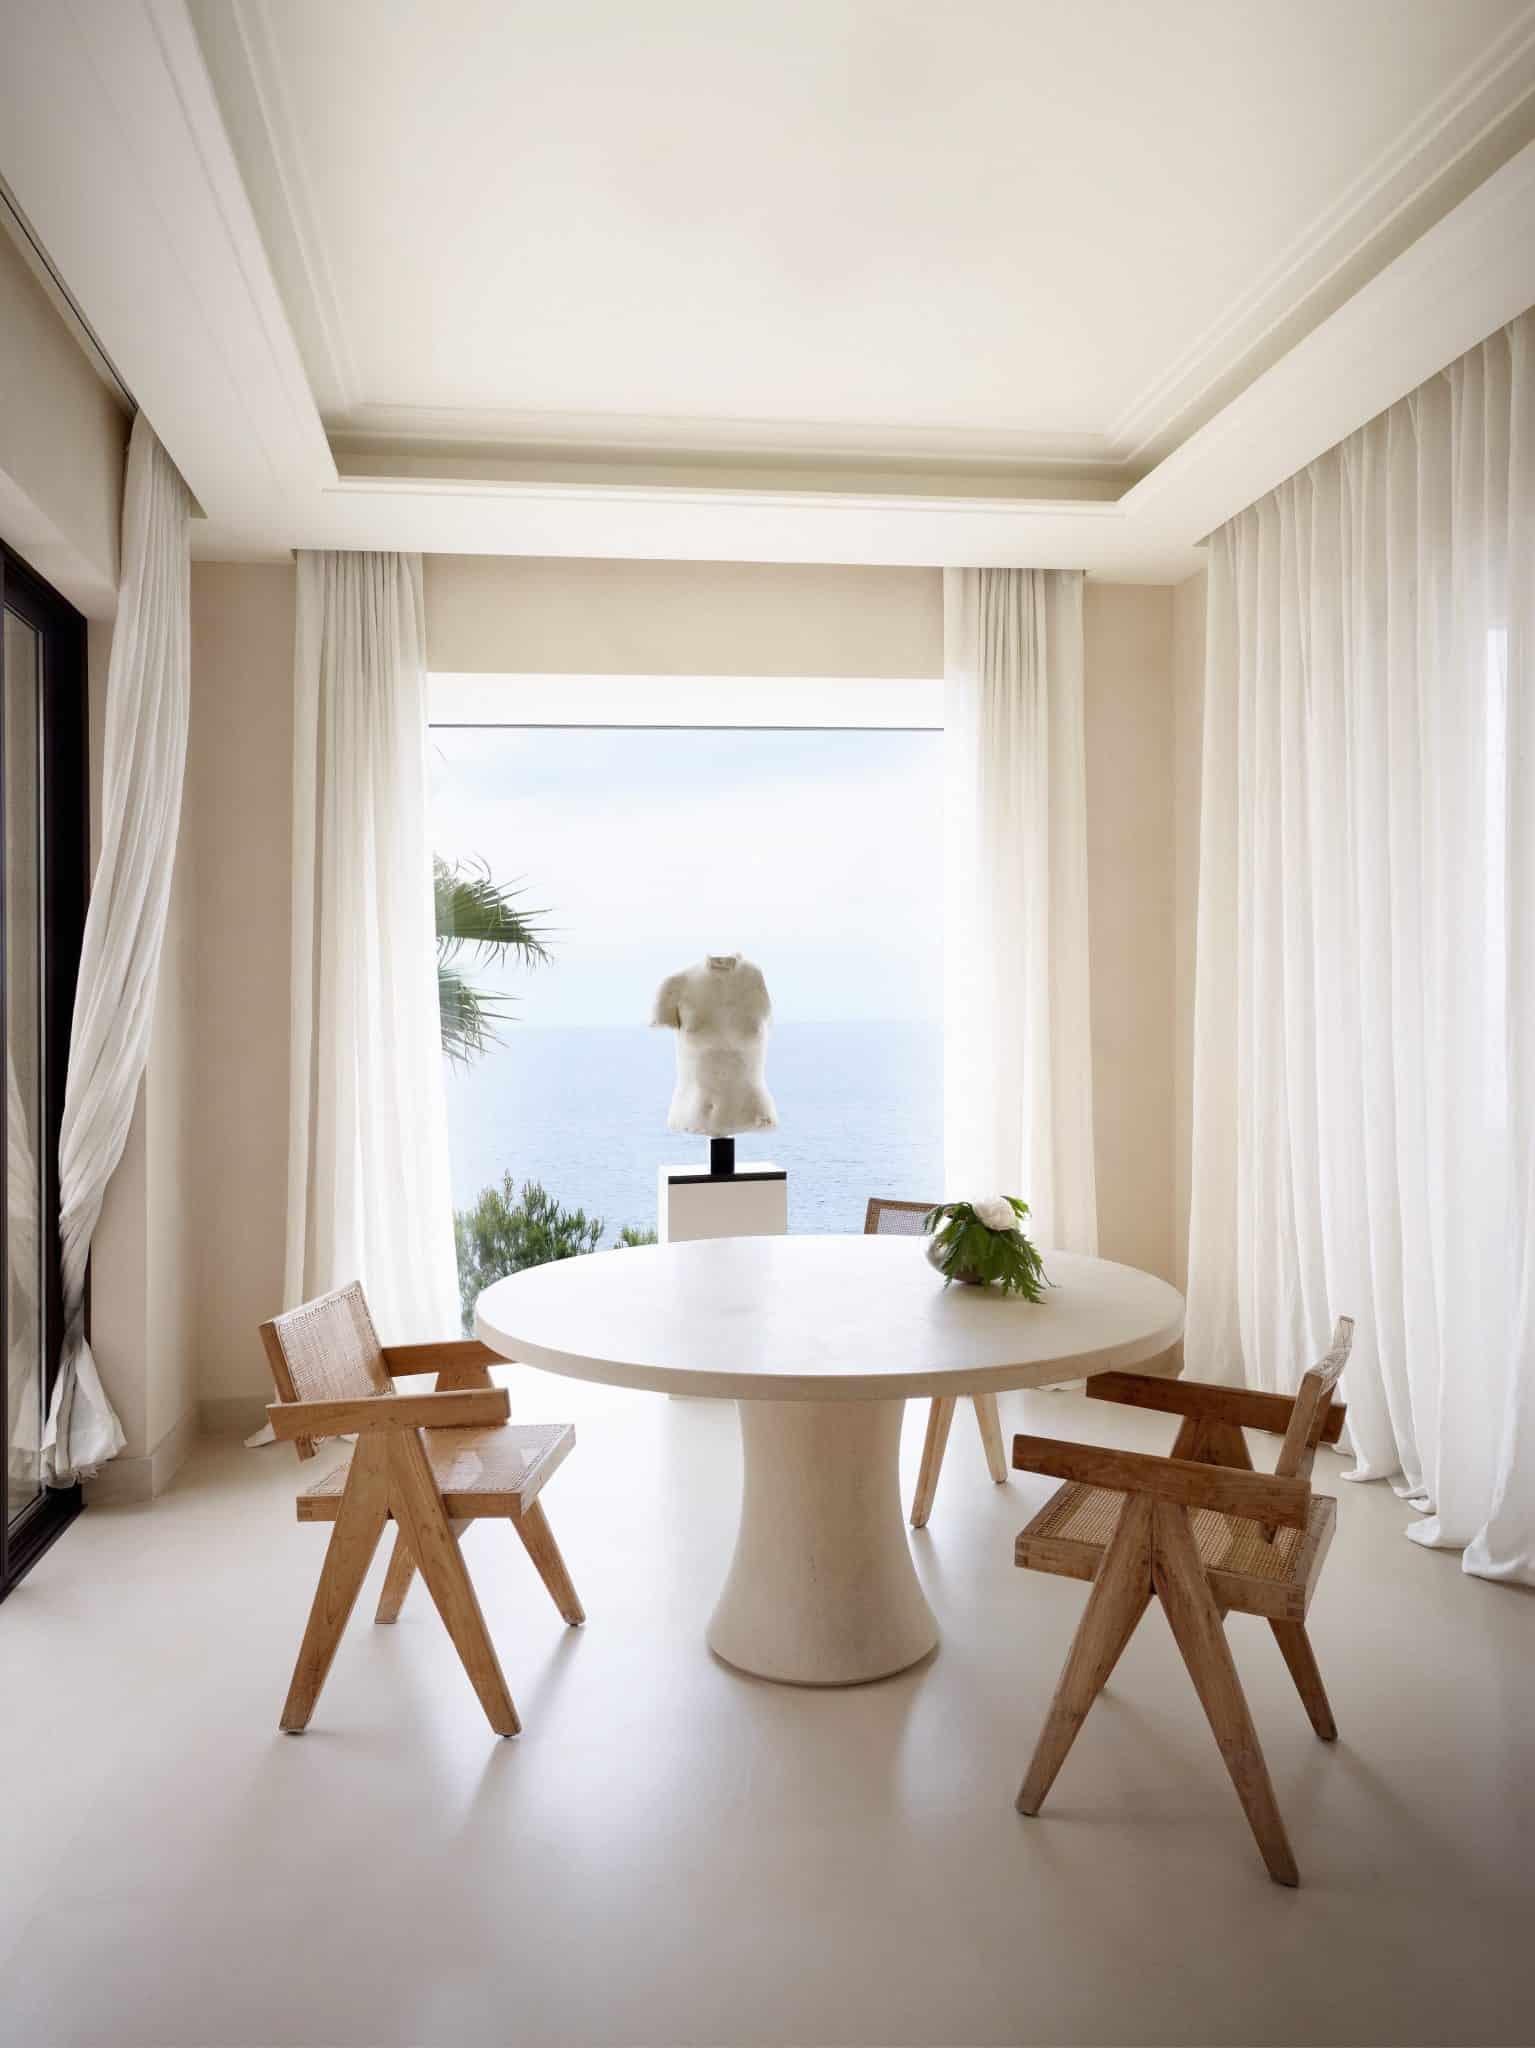 Un intérieur sur la Côte d'Azur par le designer Belge Axel Vervoordt. Photo: Laziz Hamani